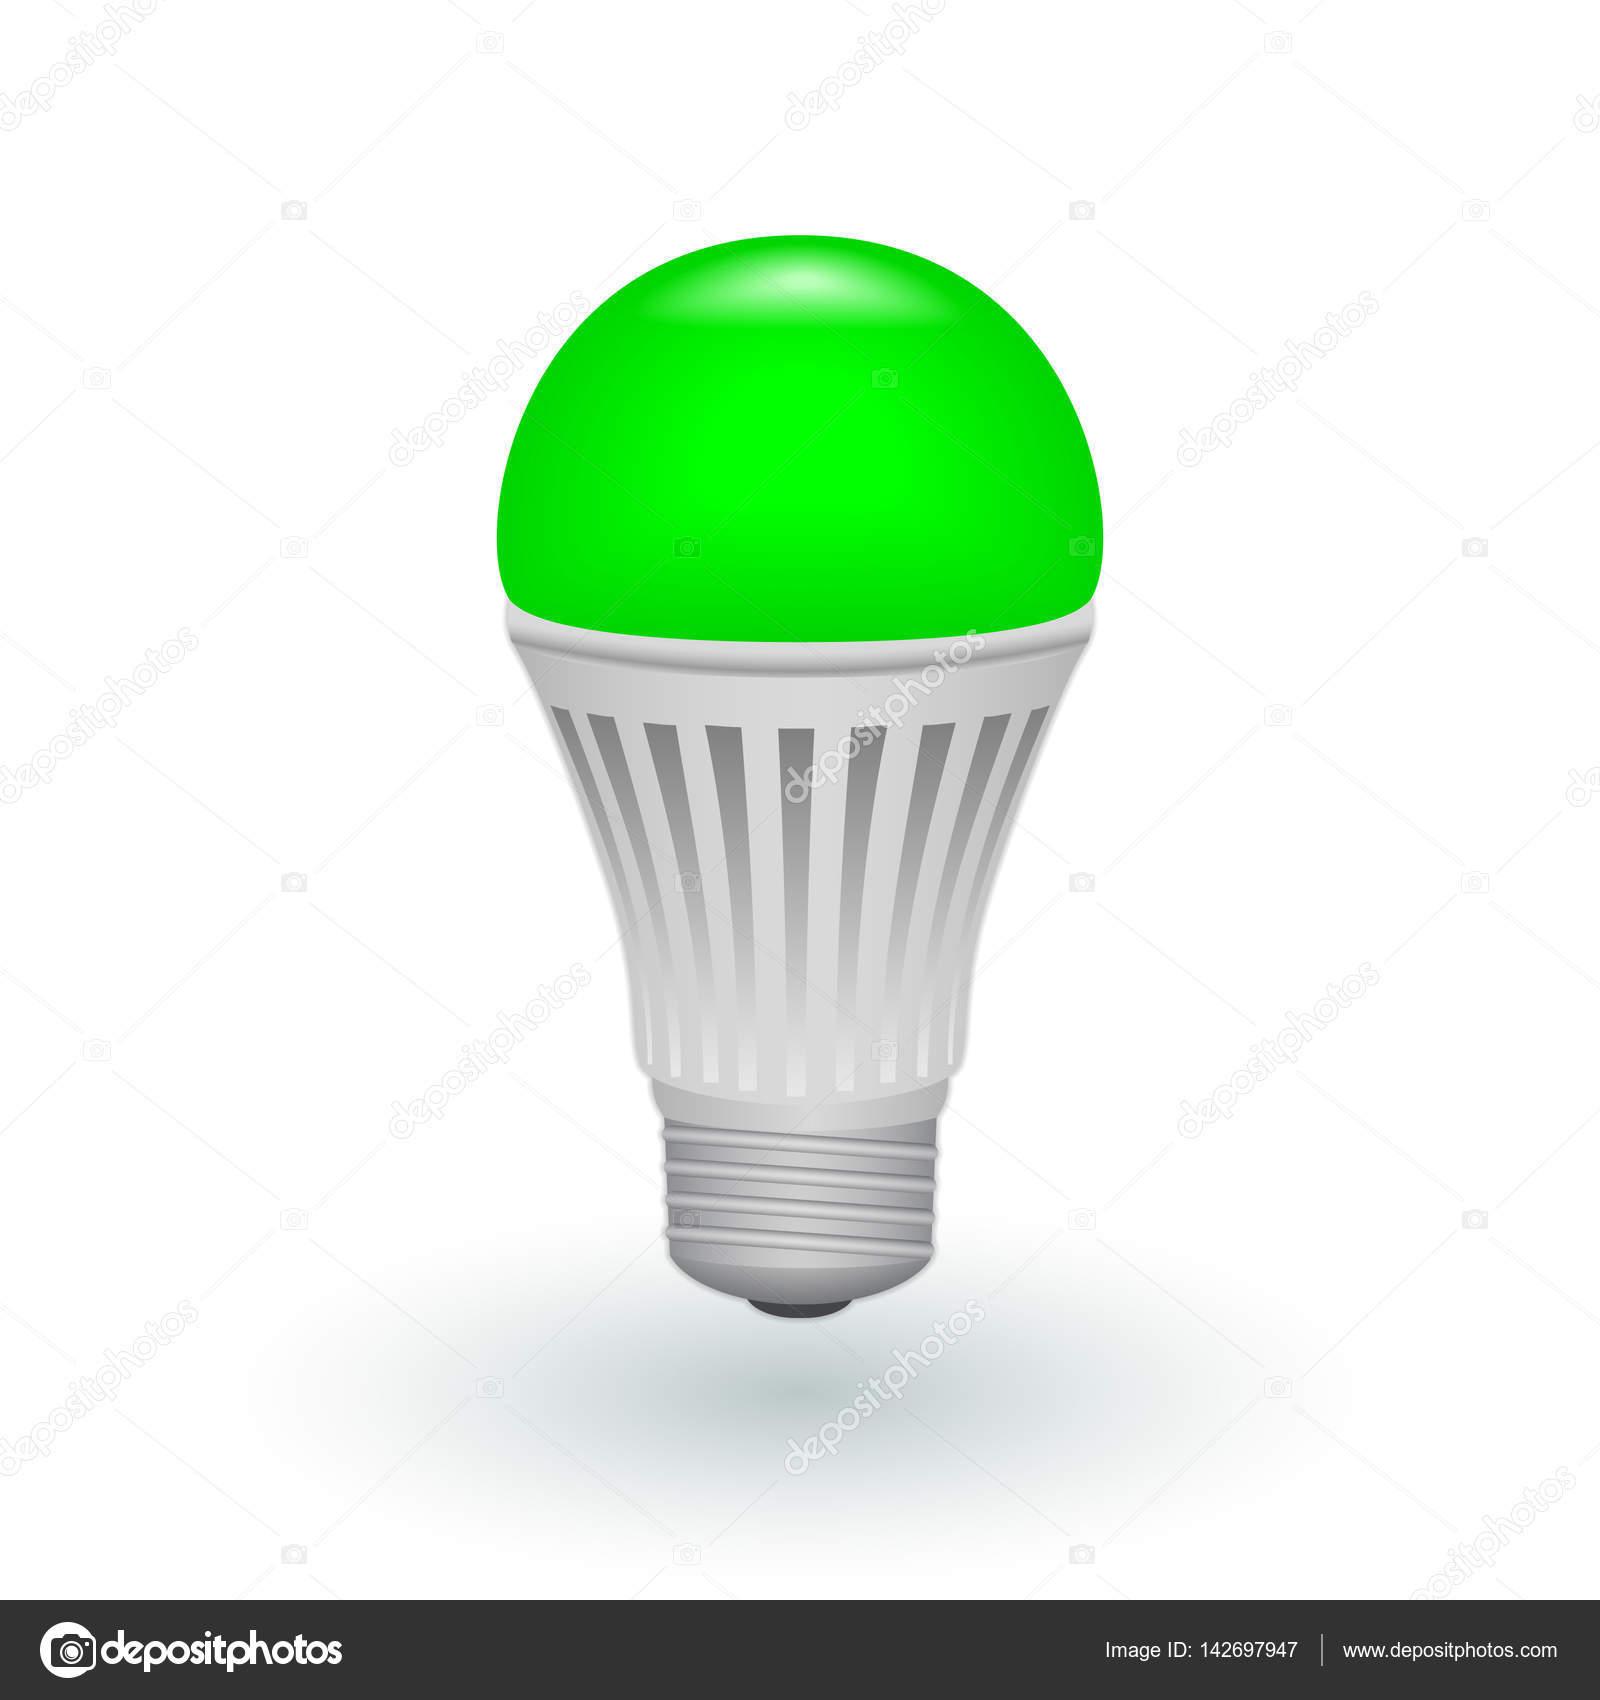 depositphotos 142697947 stock illustration led green economical light bulb 5 Élégant Lampe Economique Led Ldkt